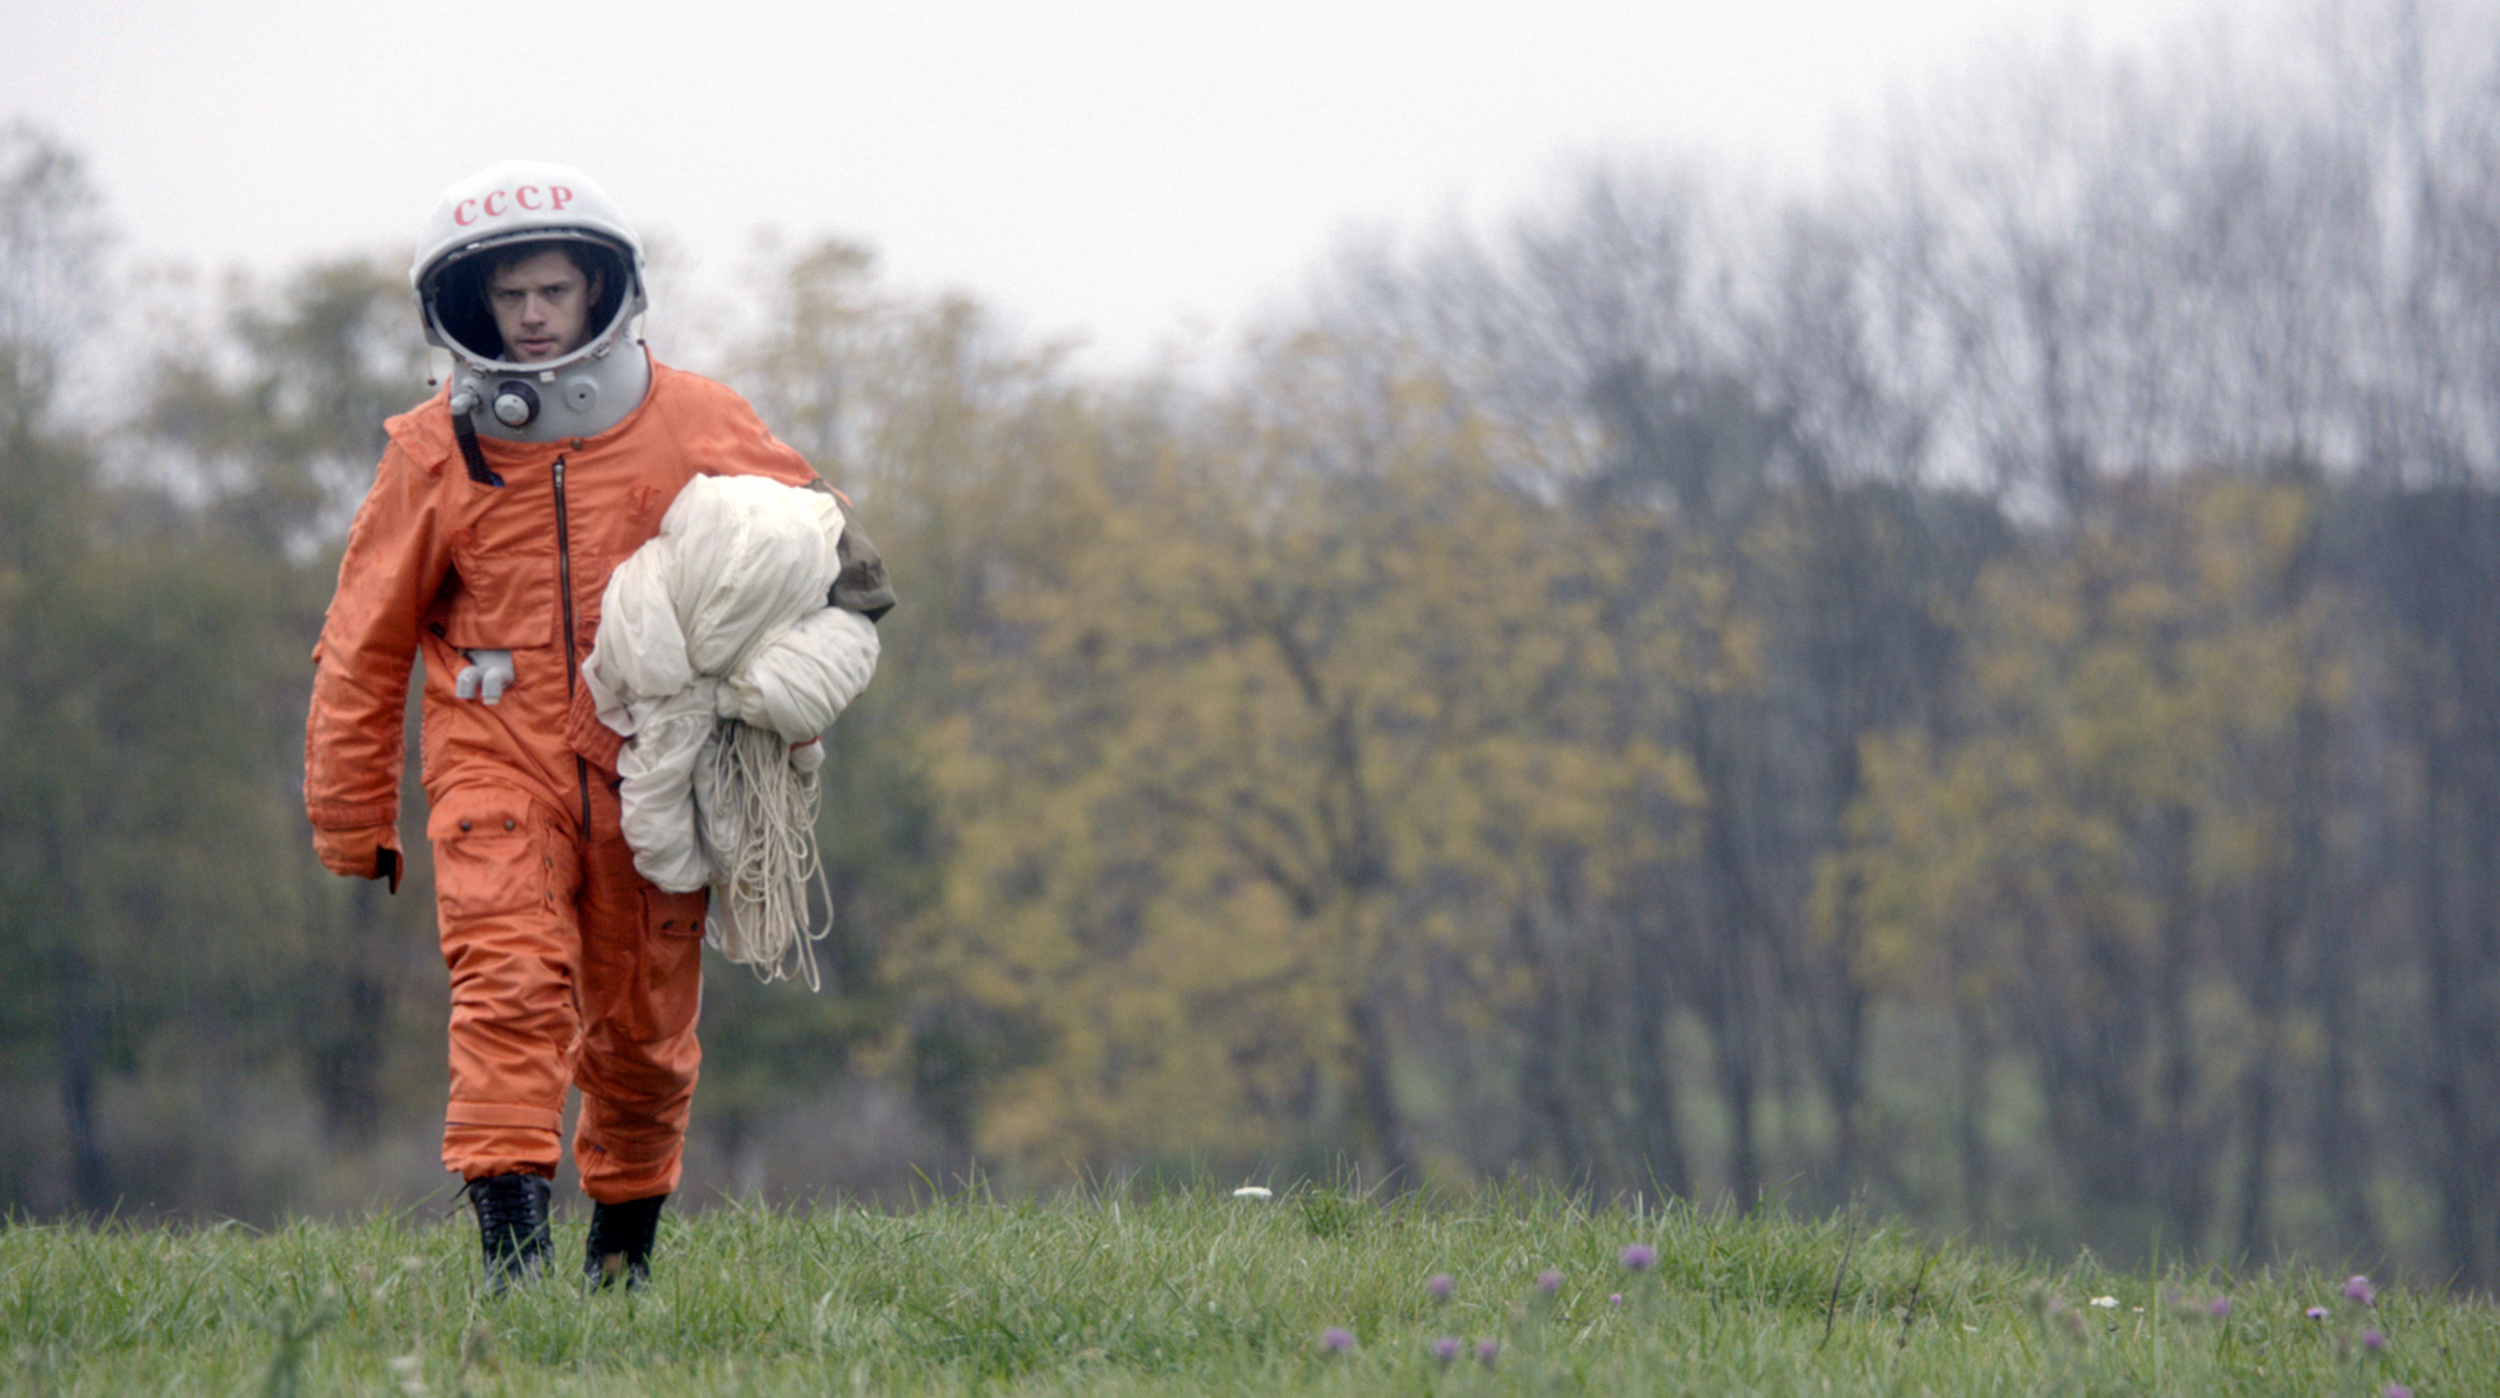 SpaceRace_010_AmericanGenius_hires2.jpg